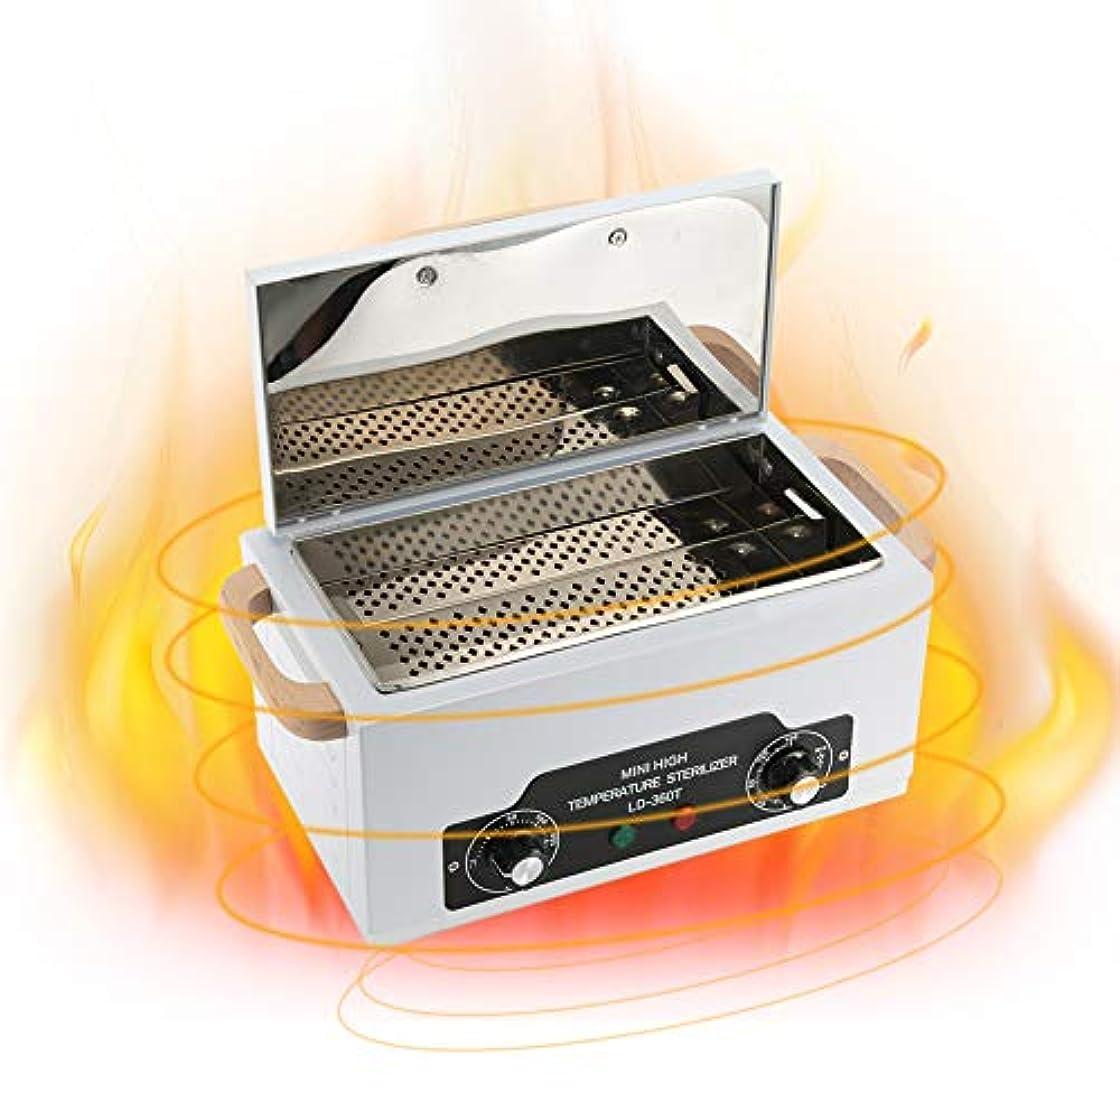 引用送金多様体ネイルツール滅菌ボックス 高温滅菌器 ネイルツール 歯科用器具用 取り外し可能 ステンレス(1)